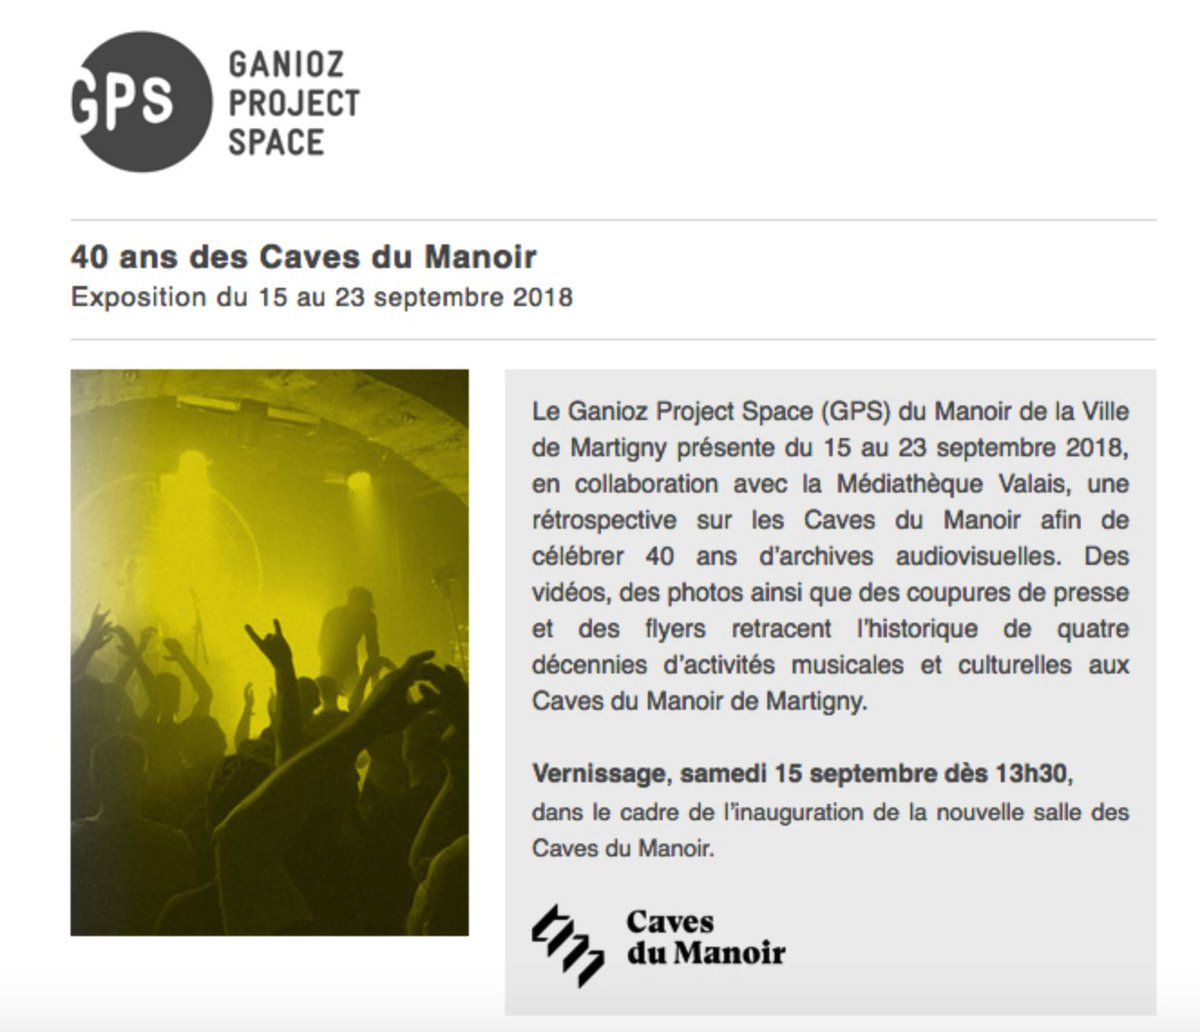 """Les Caves Du Manoir le manoir martigny on twitter: """"40 ans des caves du manoir"""